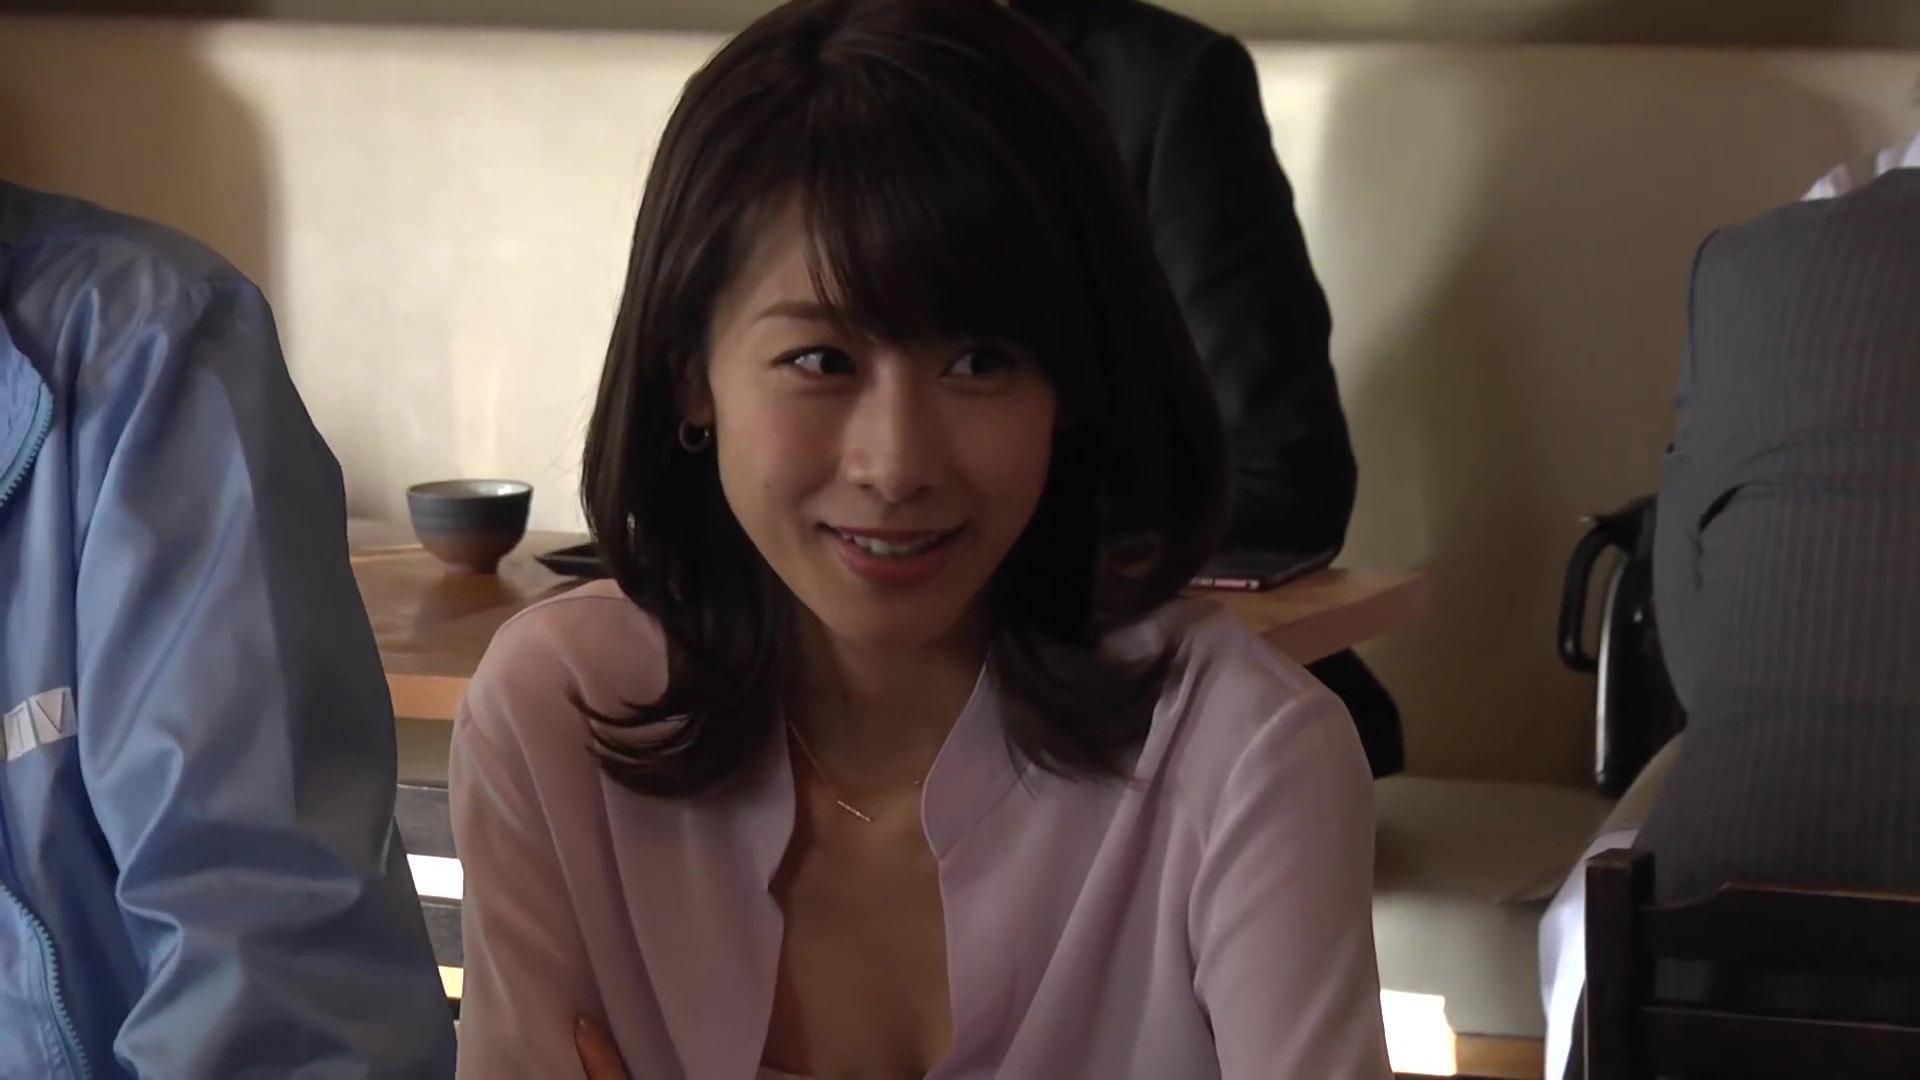 加藤綾子アナ CM撮影で谷間チラ!!